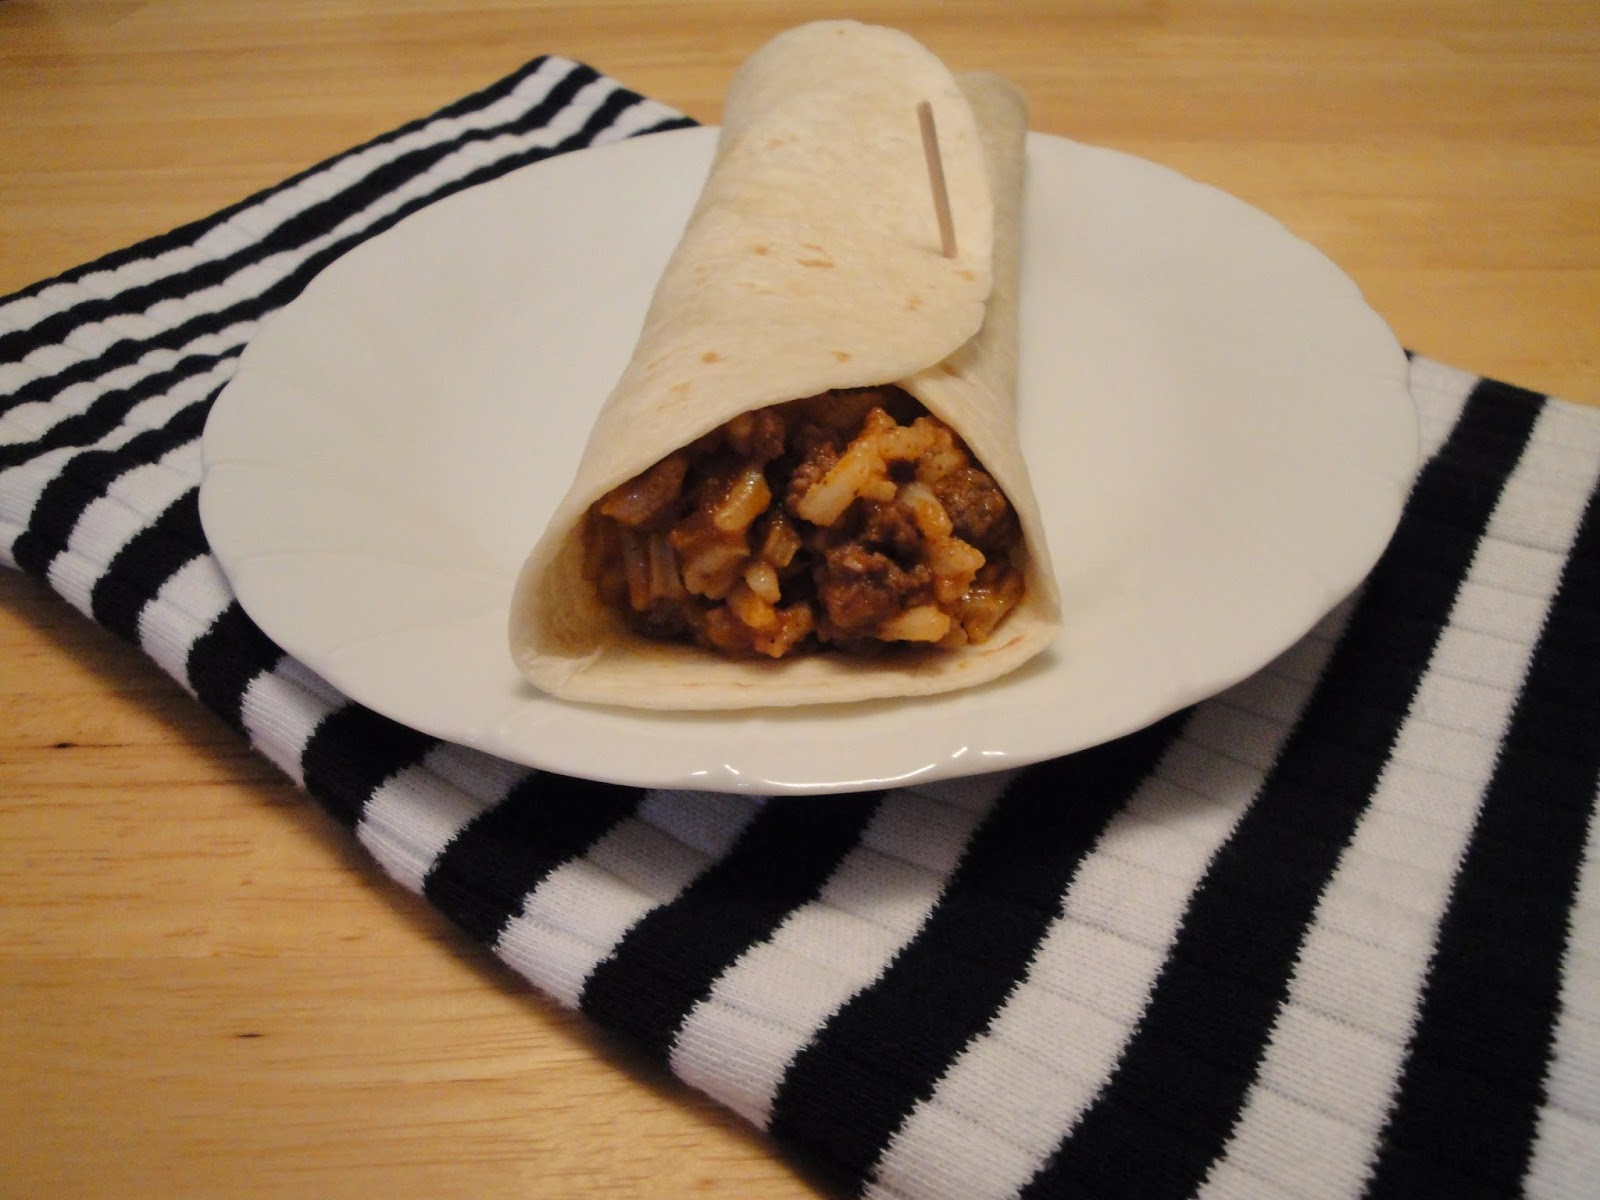 texmex burrito